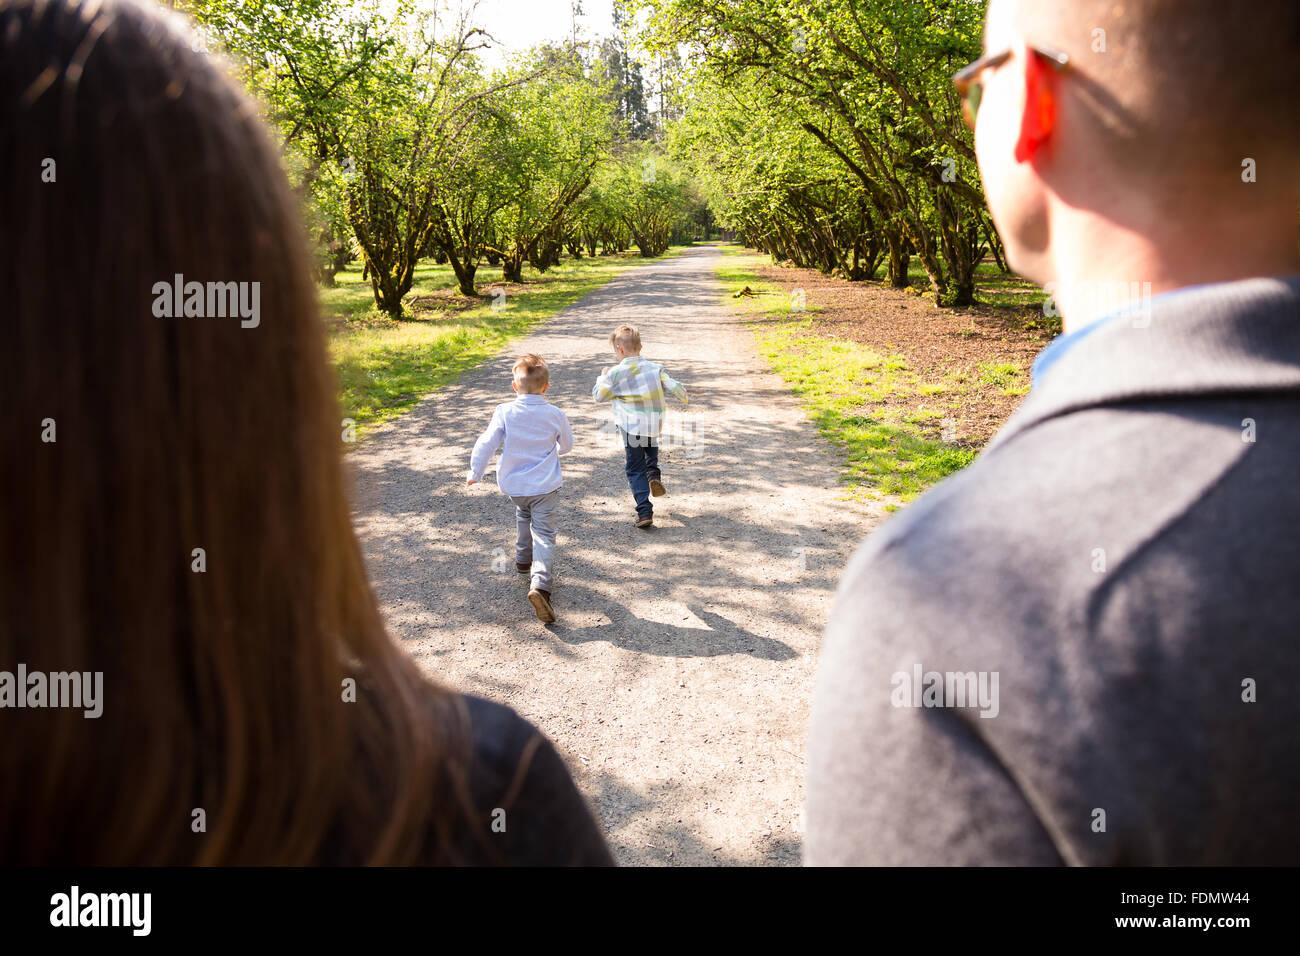 Famille de quatre personnes à l'extérieur dans un cadre naturel avec une belle lumière dans un Photo Stock